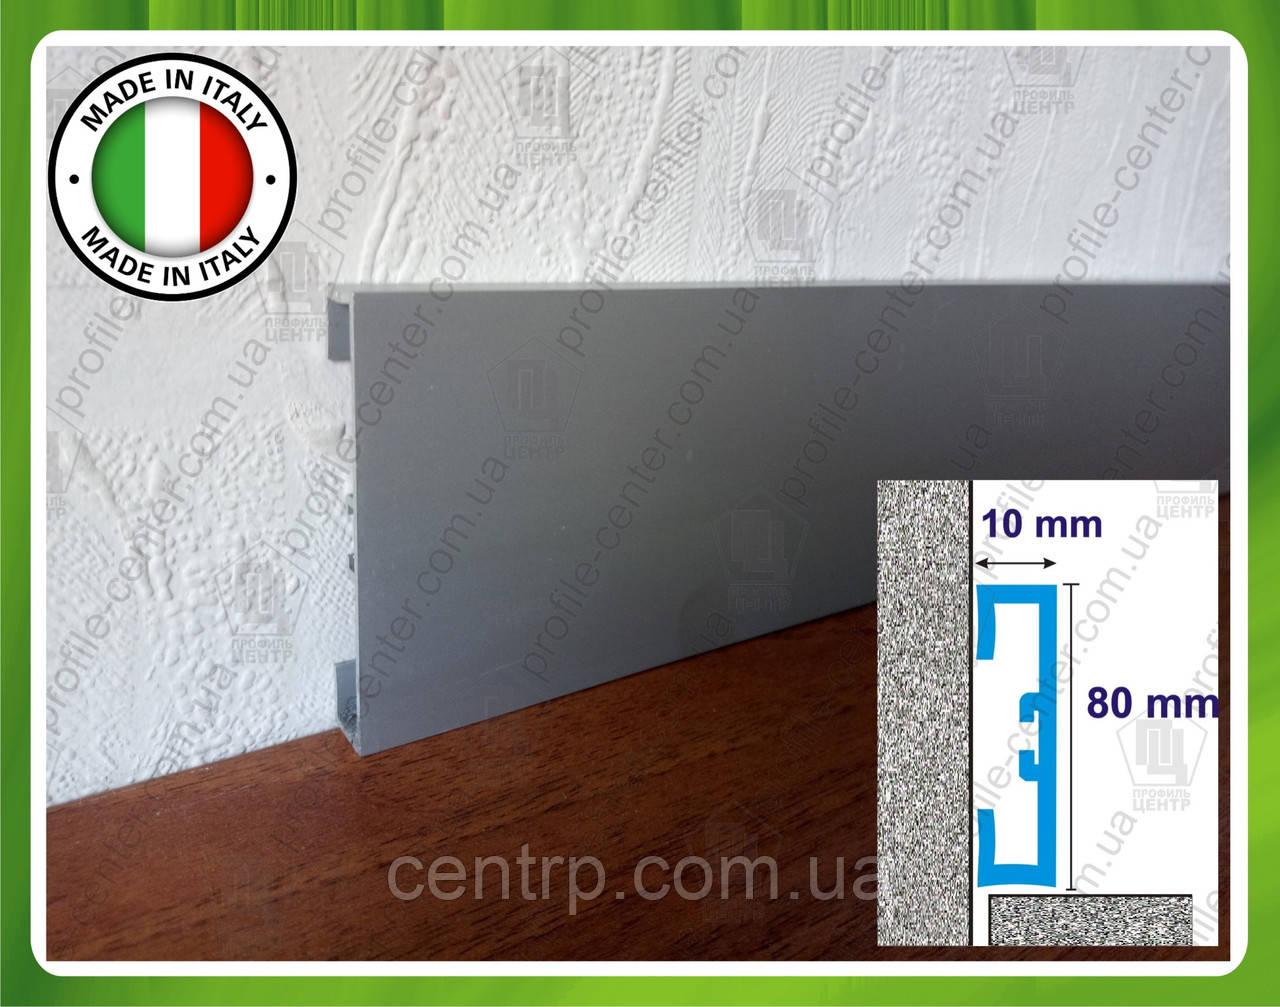 Алюмінієвий плінтус Profilpas Metal Line 89/8 для підлоги, висота 80 мм